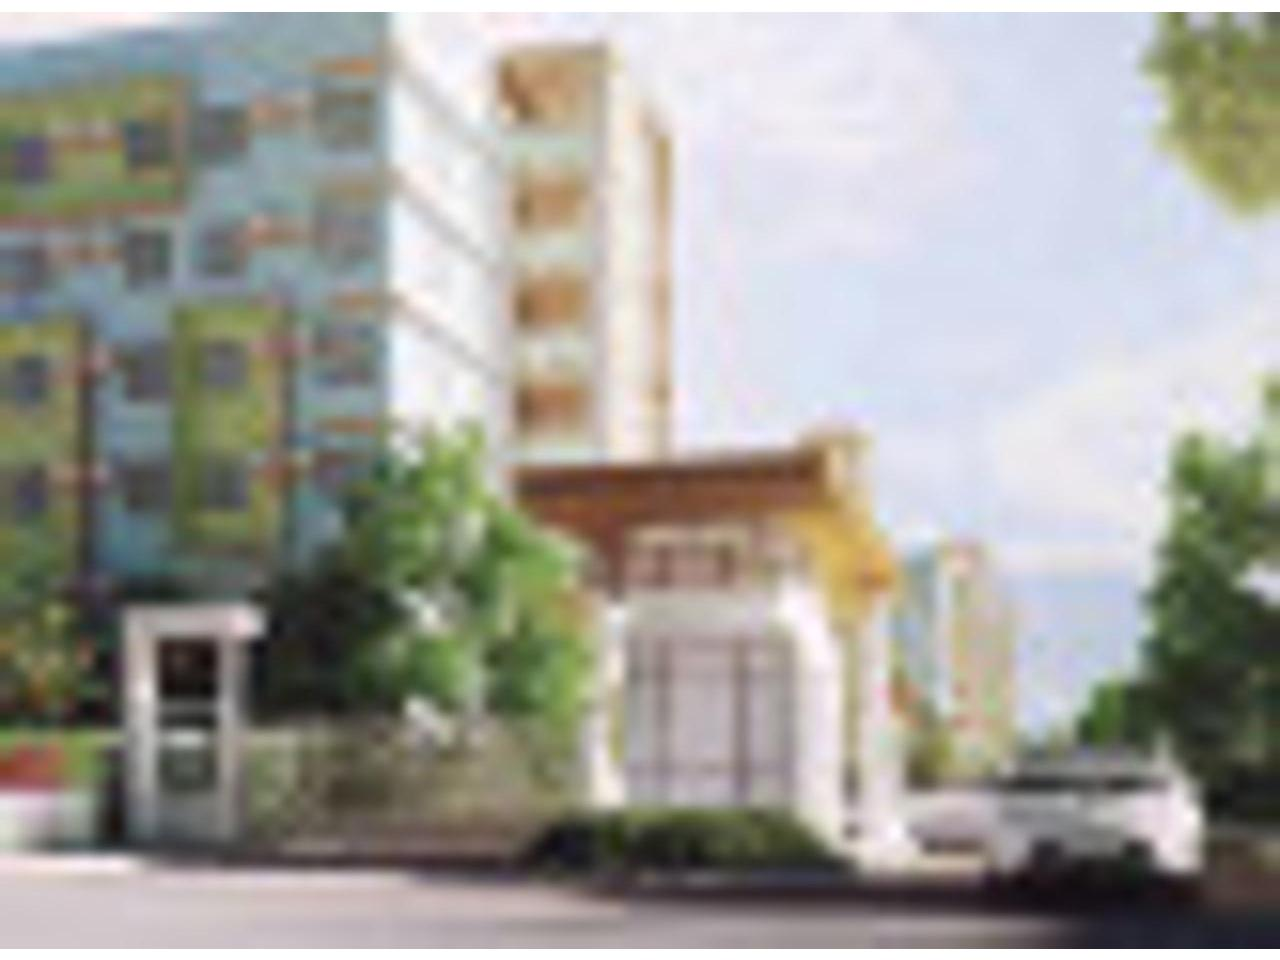 Condominium For sale in Iloilo, Iloilo City, Western Visayas (region 6)